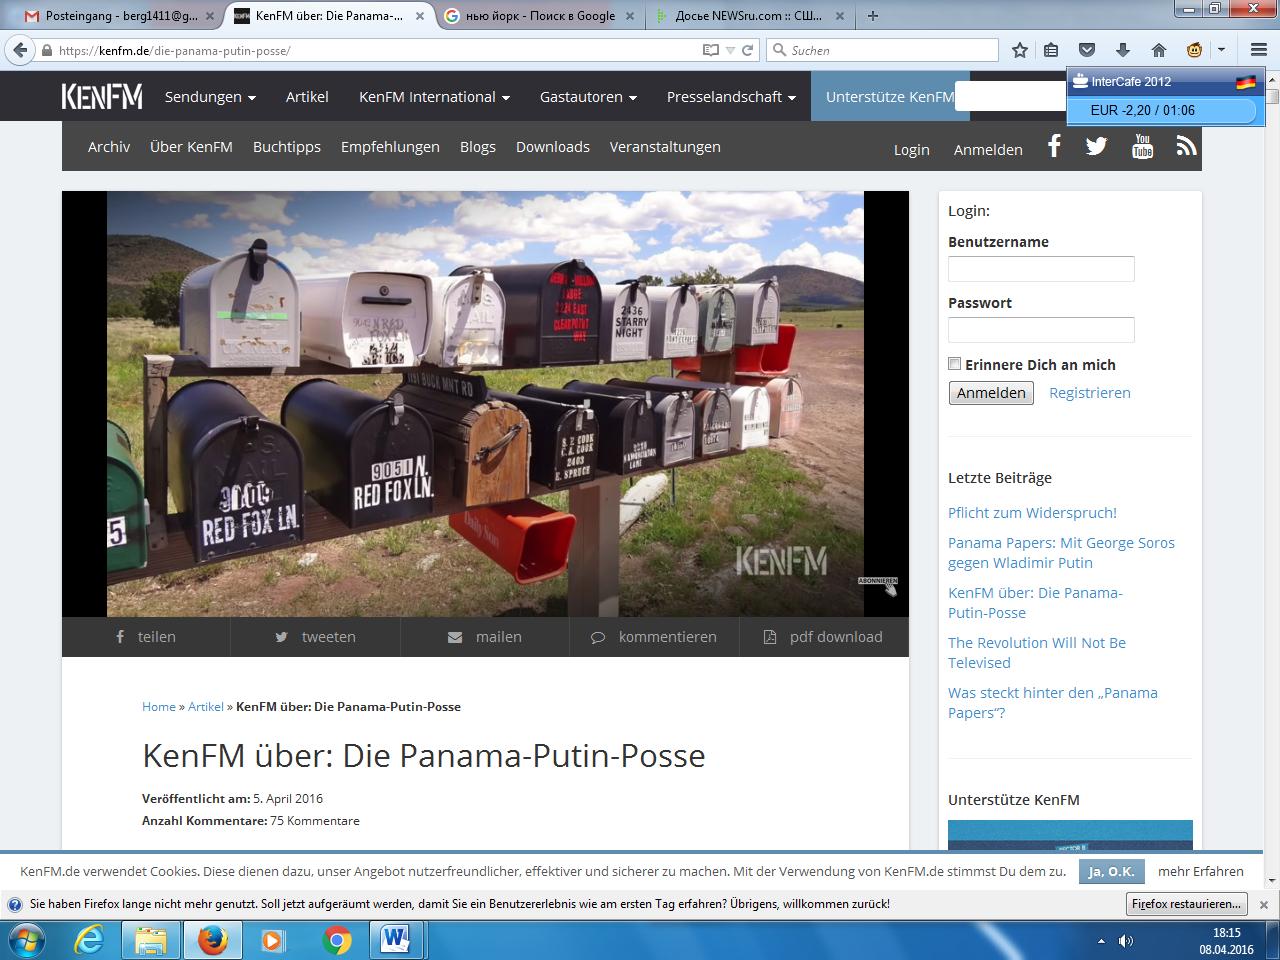 Несерьёзный наезд на Путина из Панамы